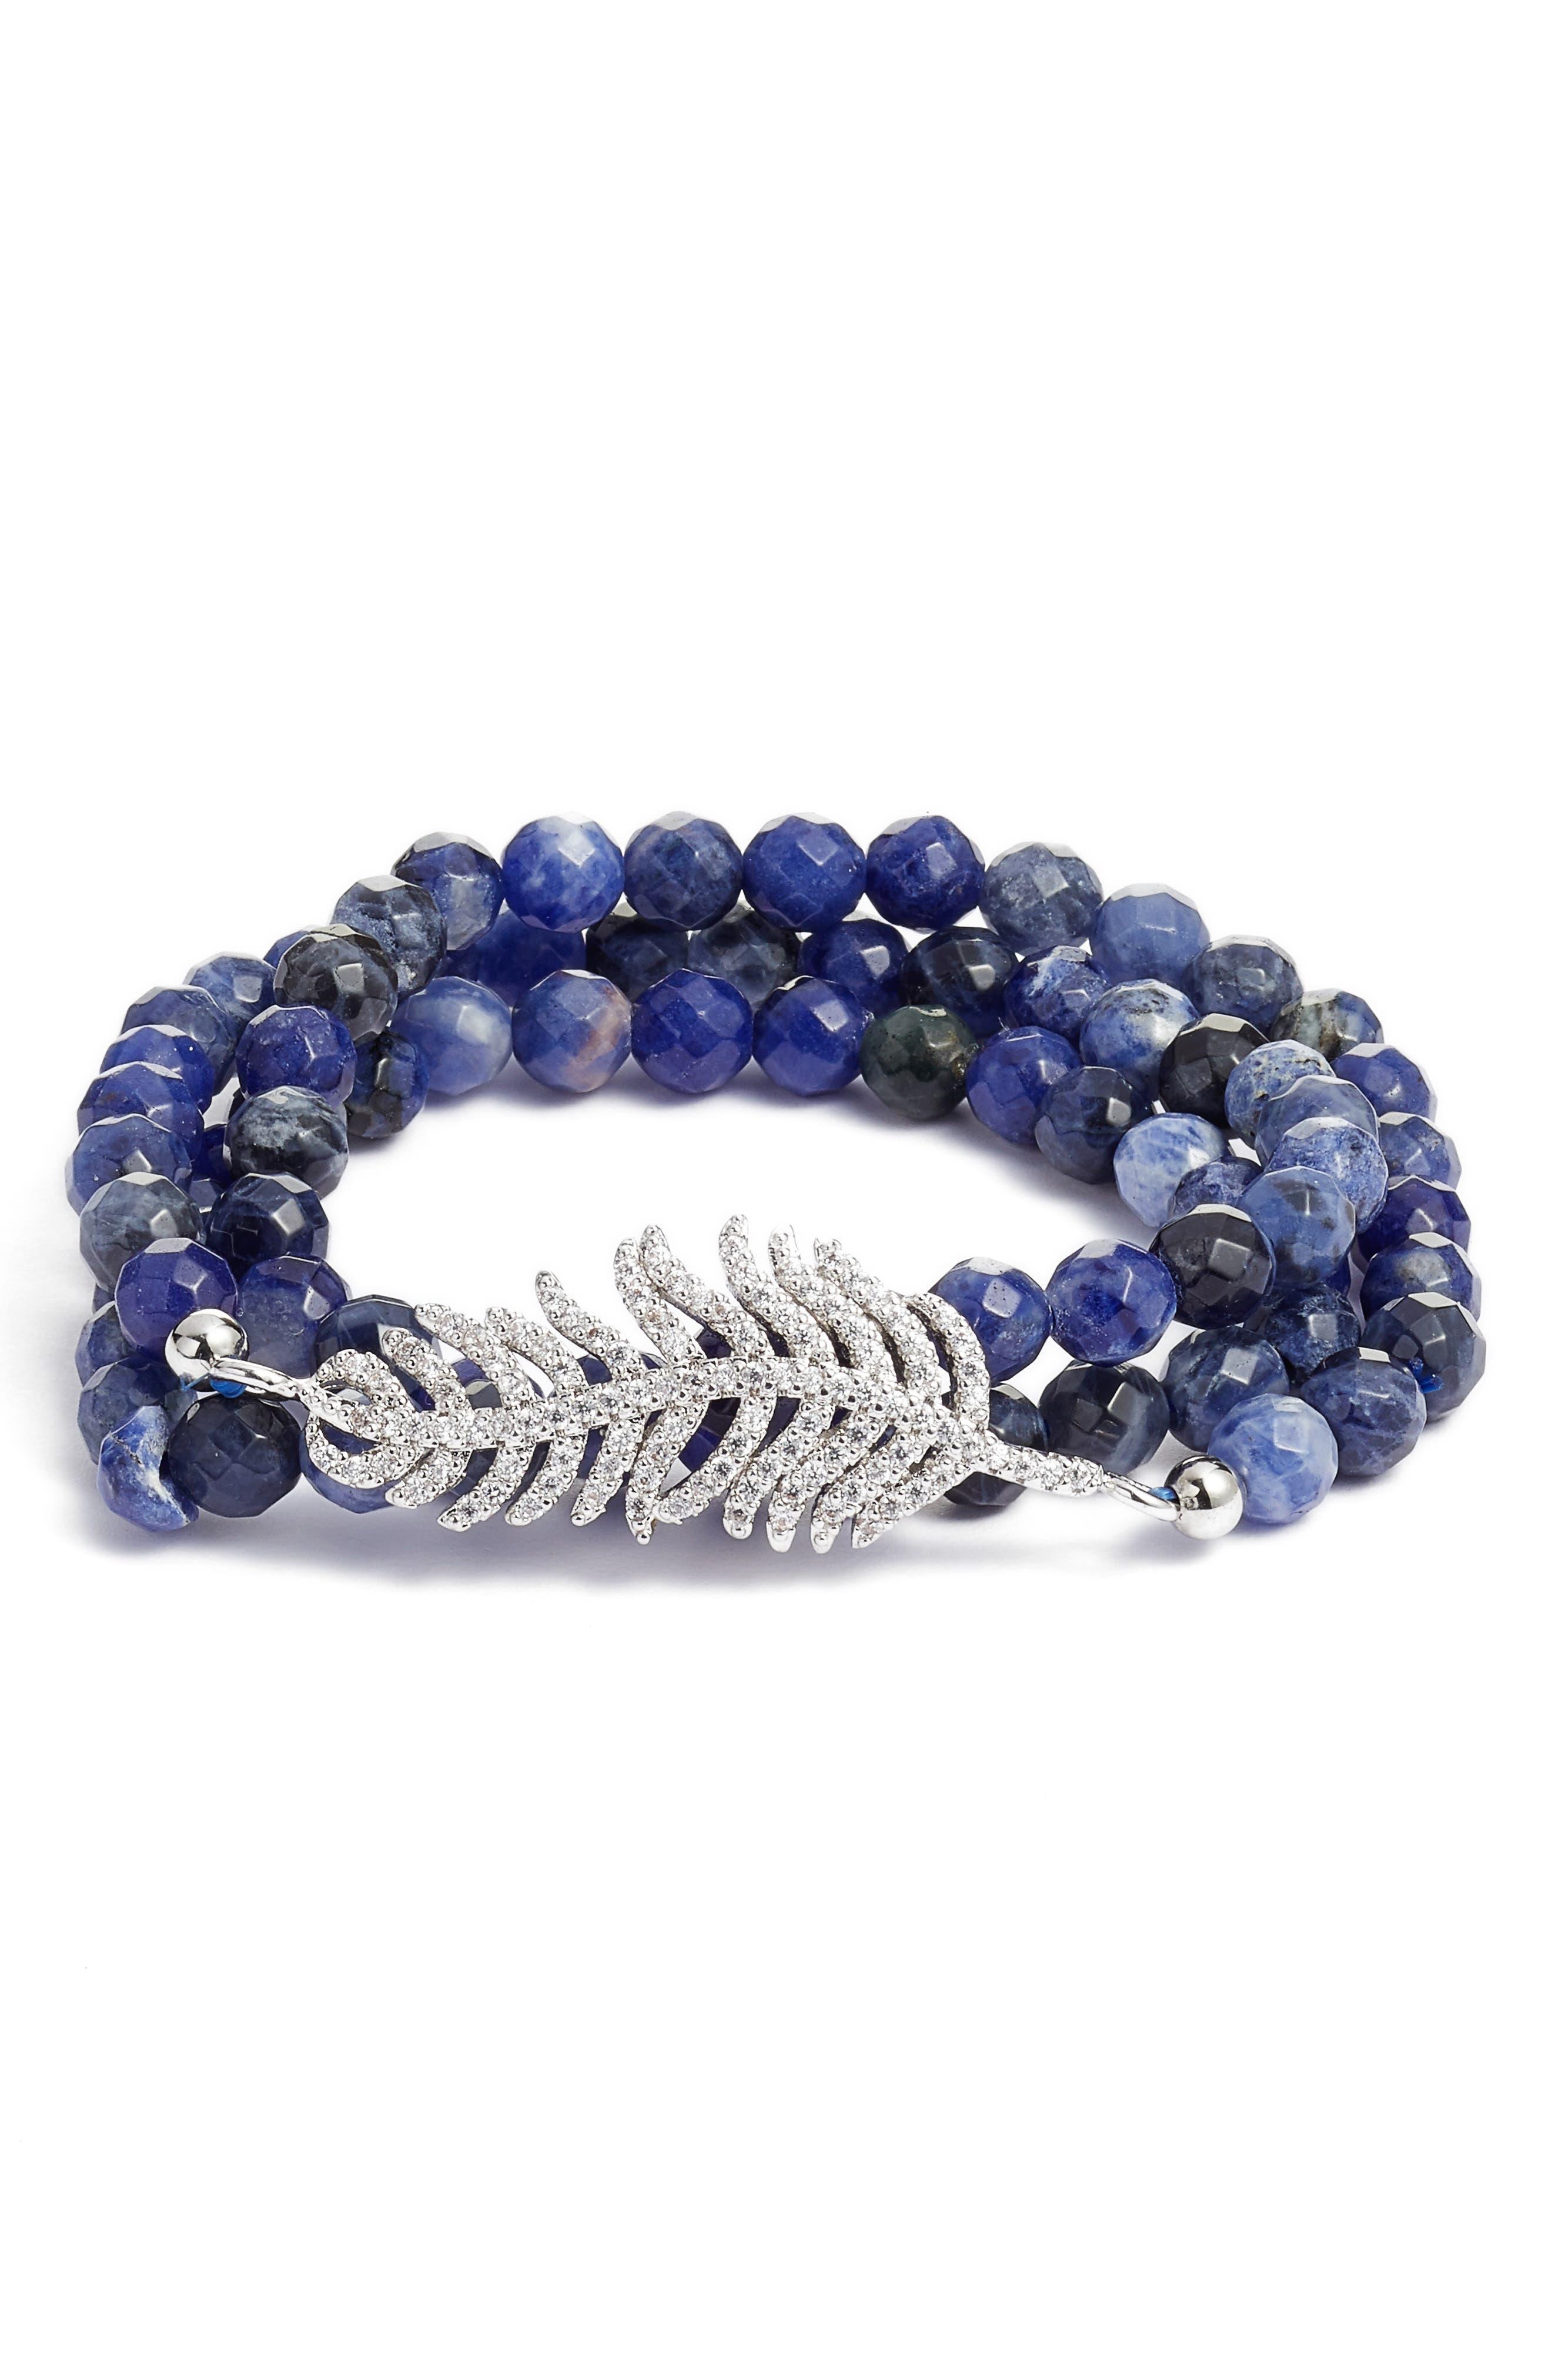 Art Deco Triple Wrap Stone & Crystal Stretch Bracelet,                             Main thumbnail 1, color,                             Leaf/ Blue Lapis